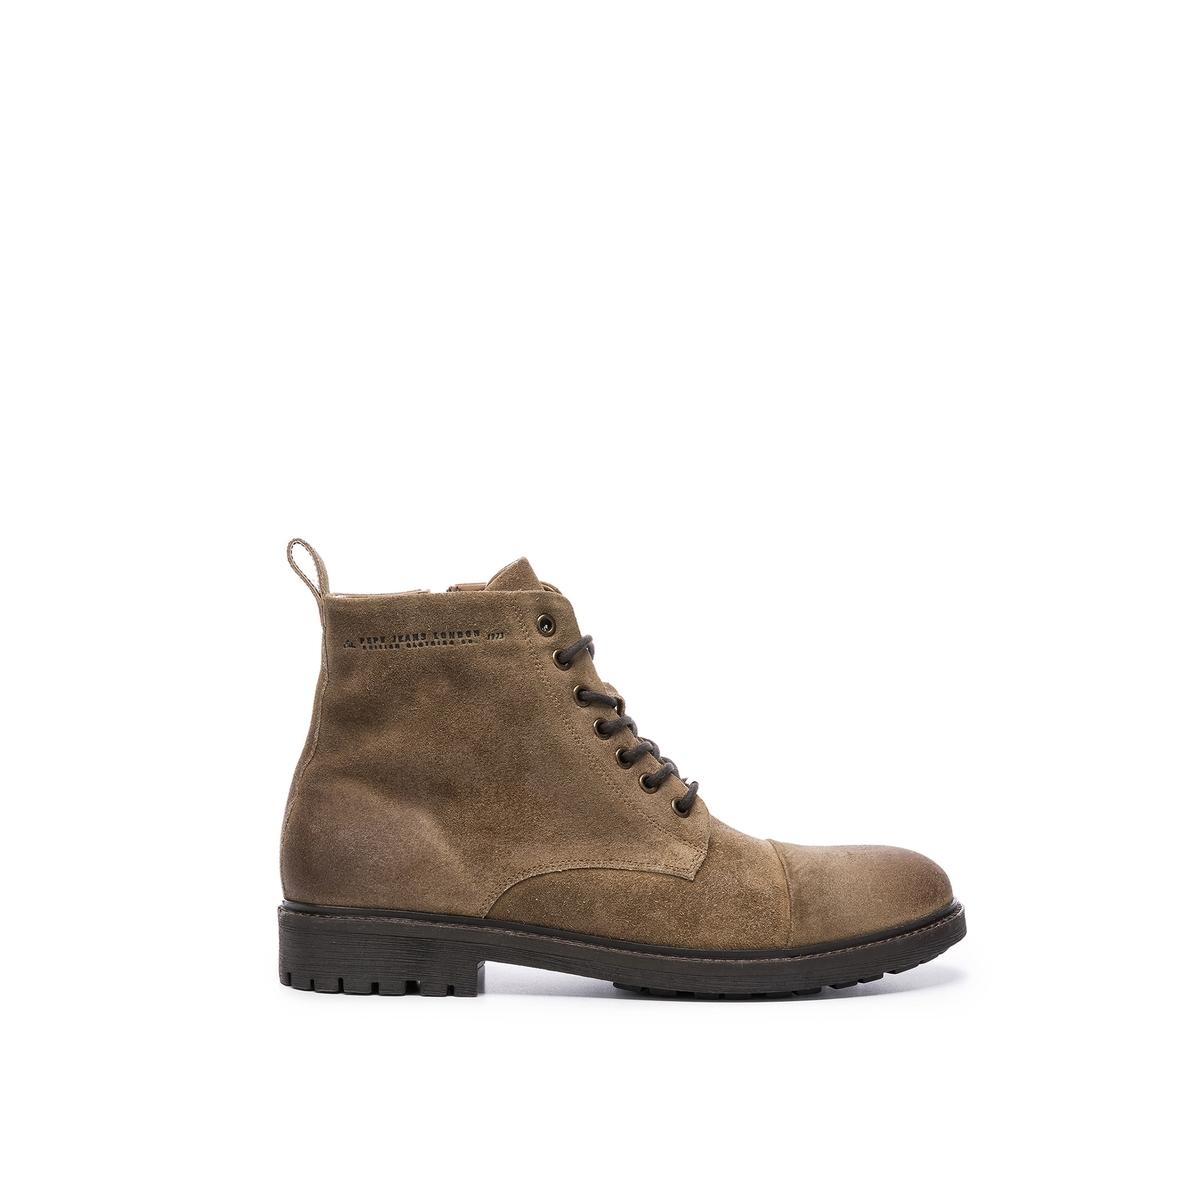 цена Ботильоны La Redoute Porter Boot Sude 40 каштановый онлайн в 2017 году